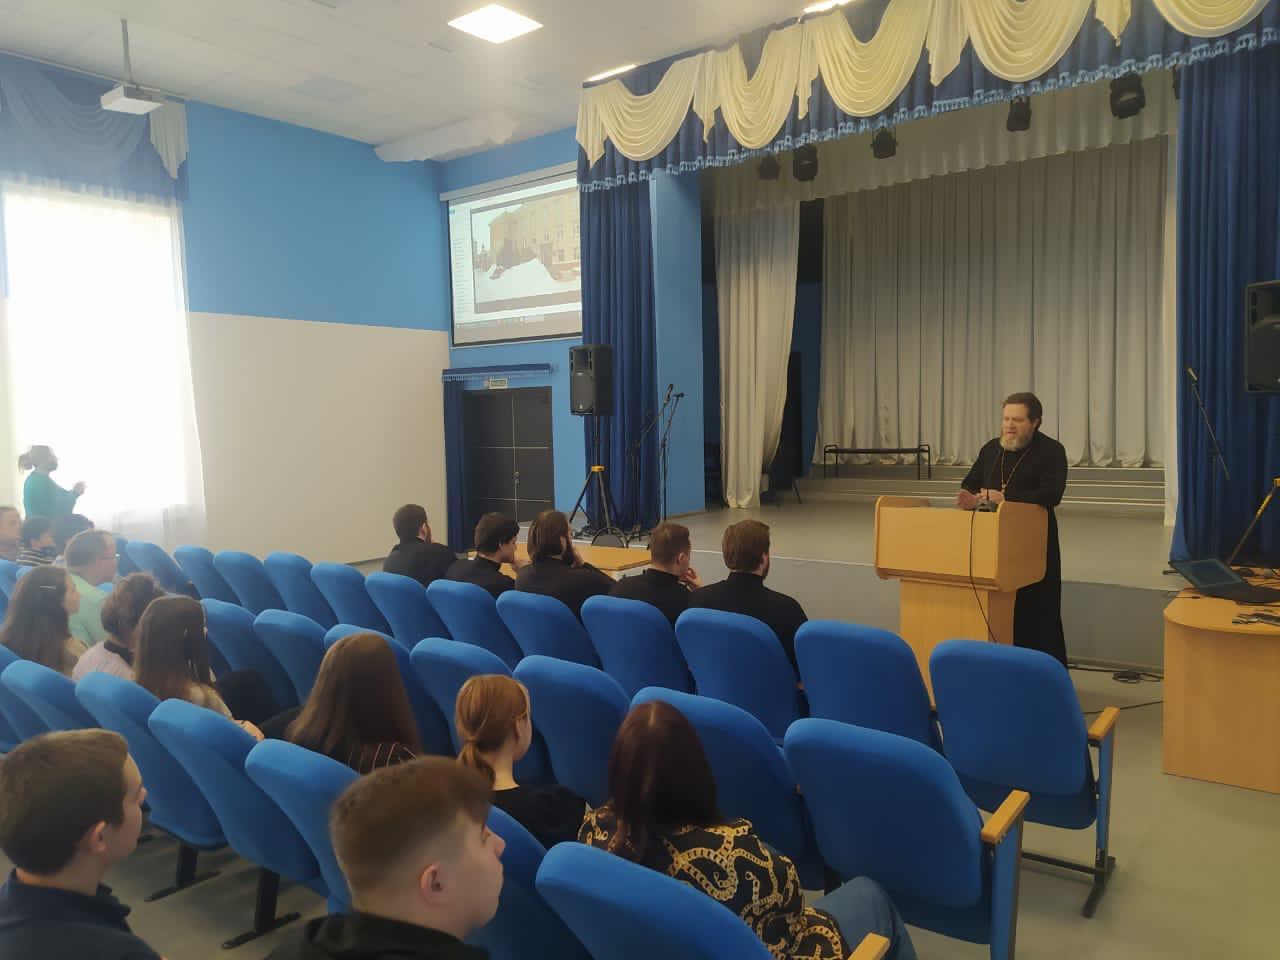 http://bel-seminaria.ru/wp-content/uploads/2021/04/IMG-20210403-WA0000.jpg